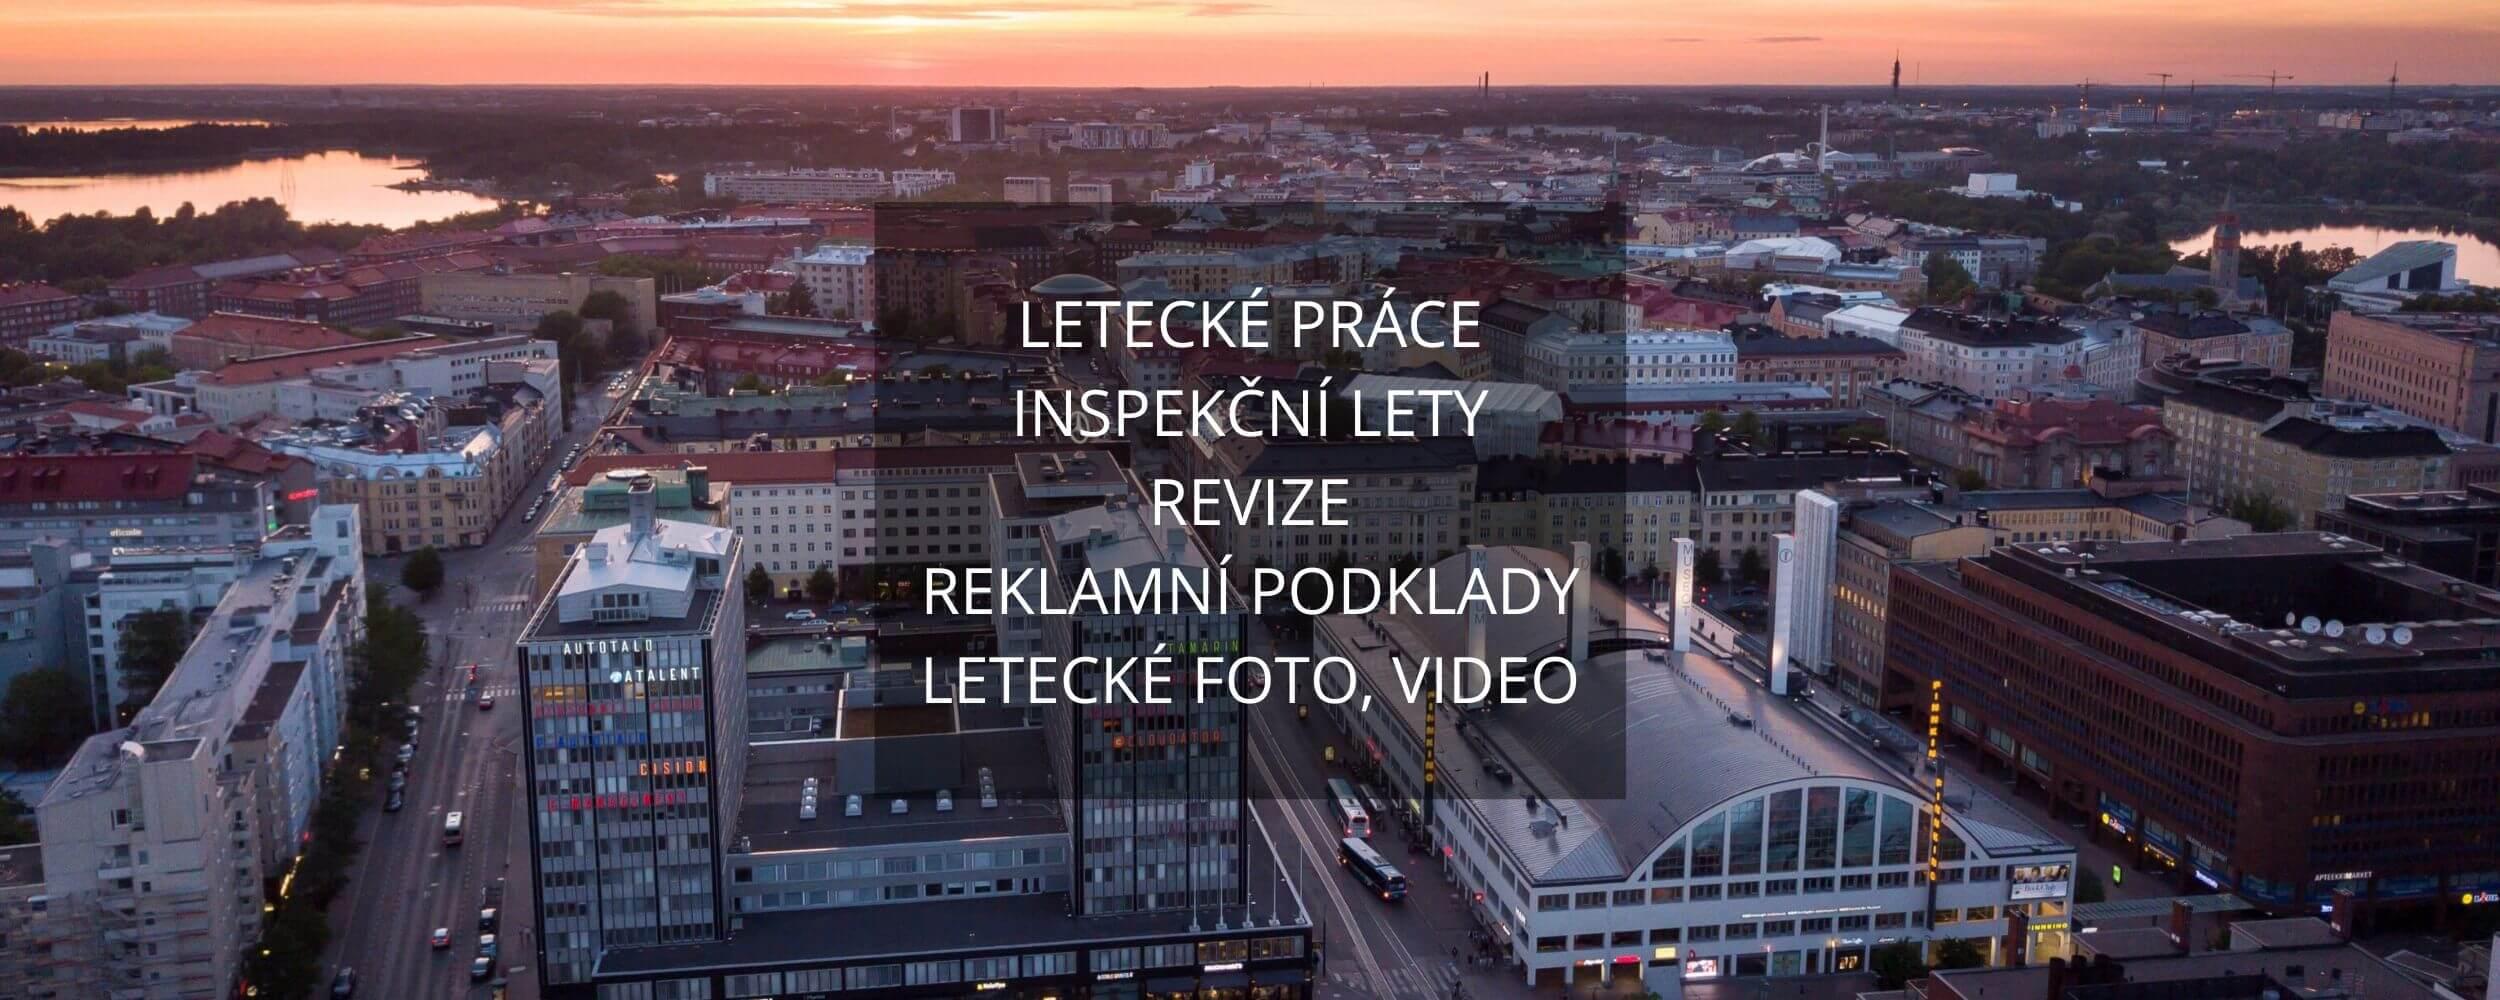 LETECKÉ PRÁCE INSPEKČNÍ LETY REVIZE REKLAMNÍ PODKLADY LETECKÉ FOTO VIDEO